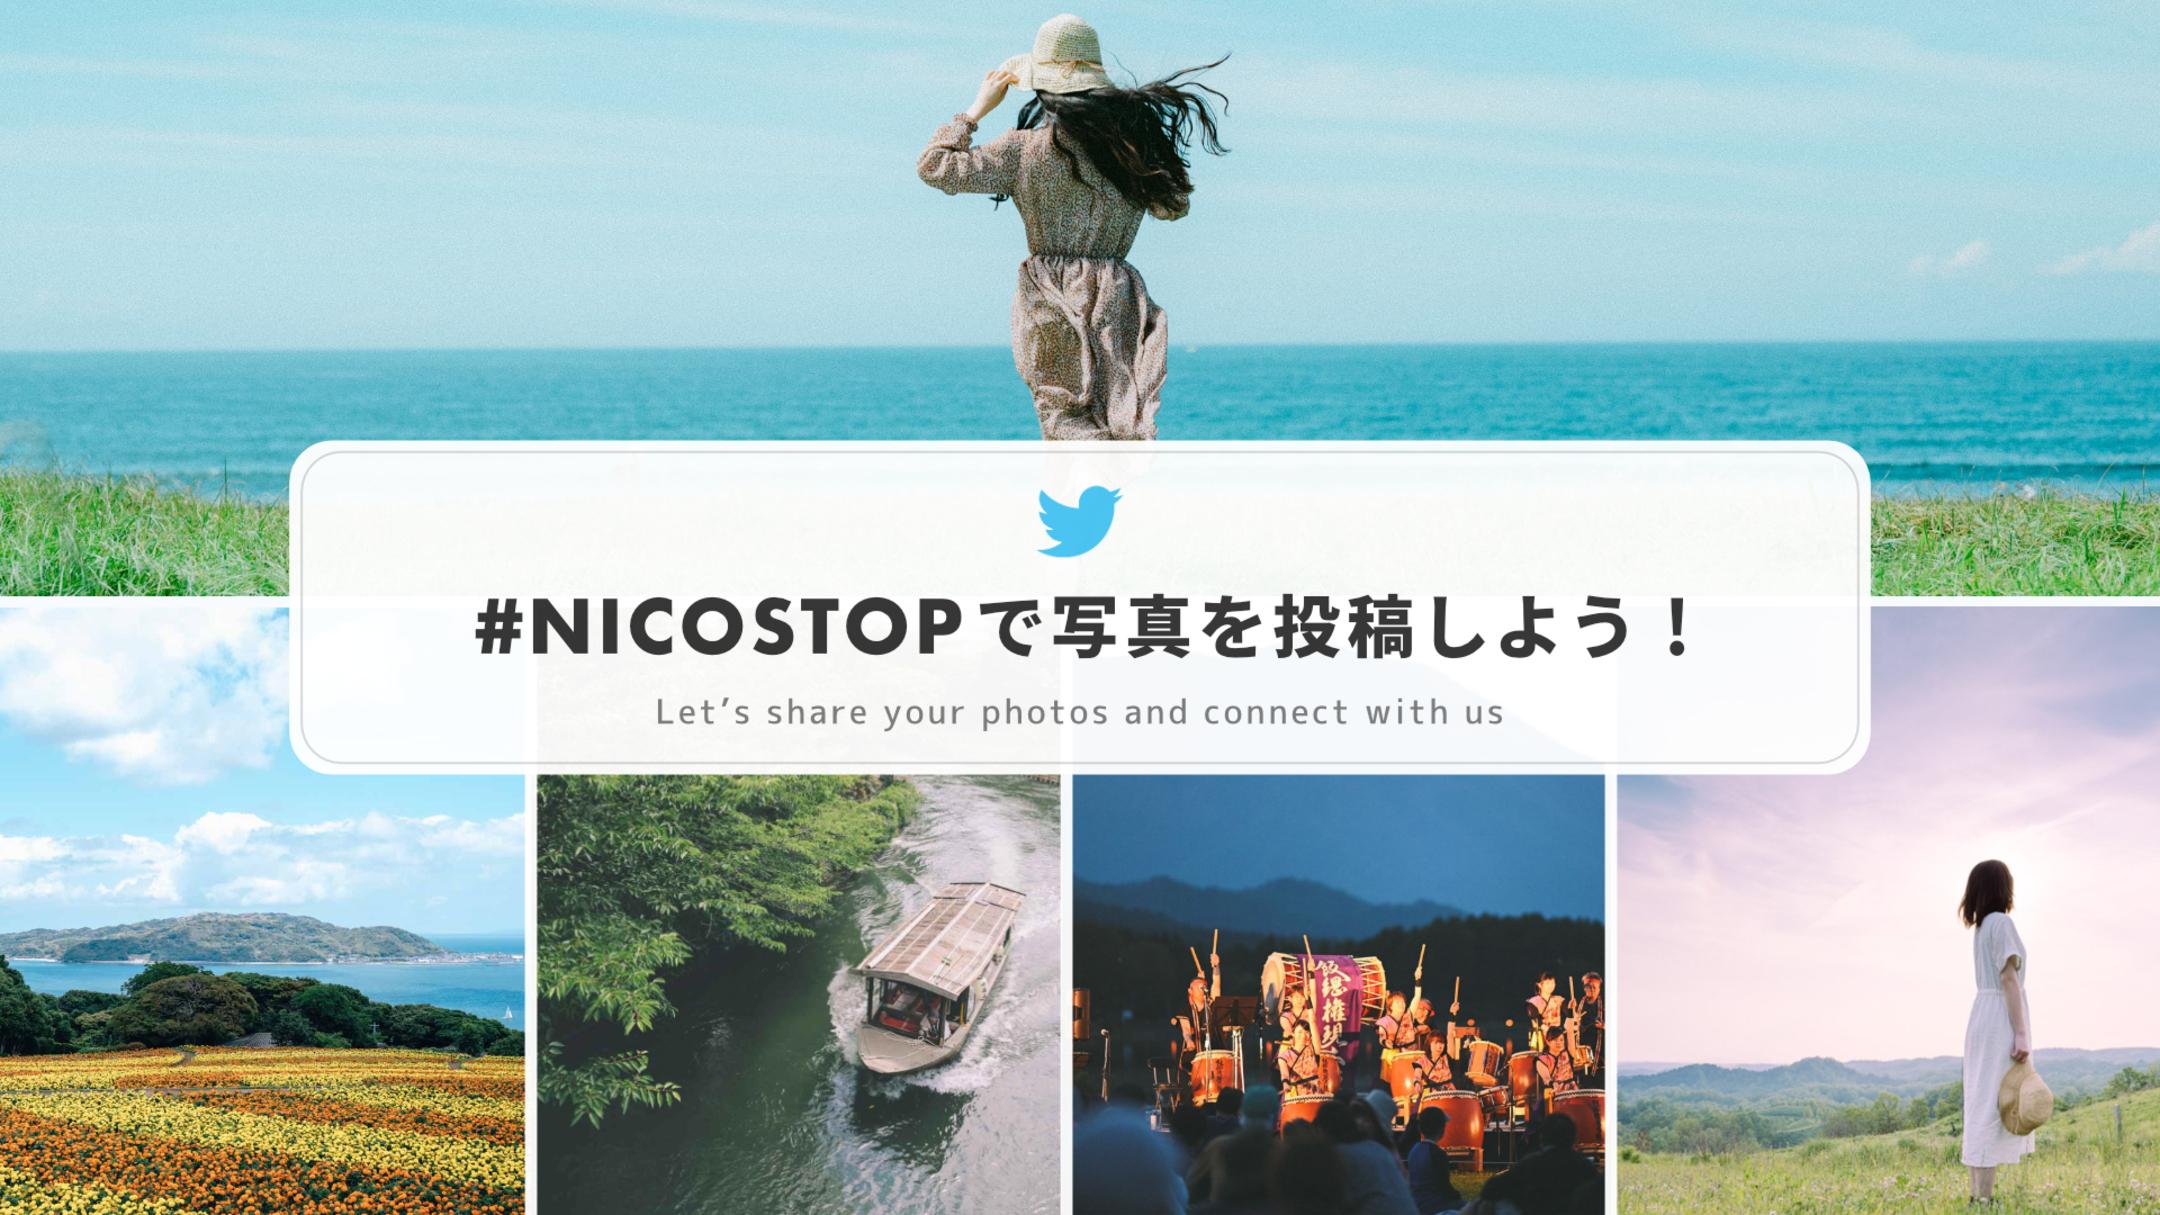 「#NICOSTOP」を付けてTwitterで写真を投稿しよう!